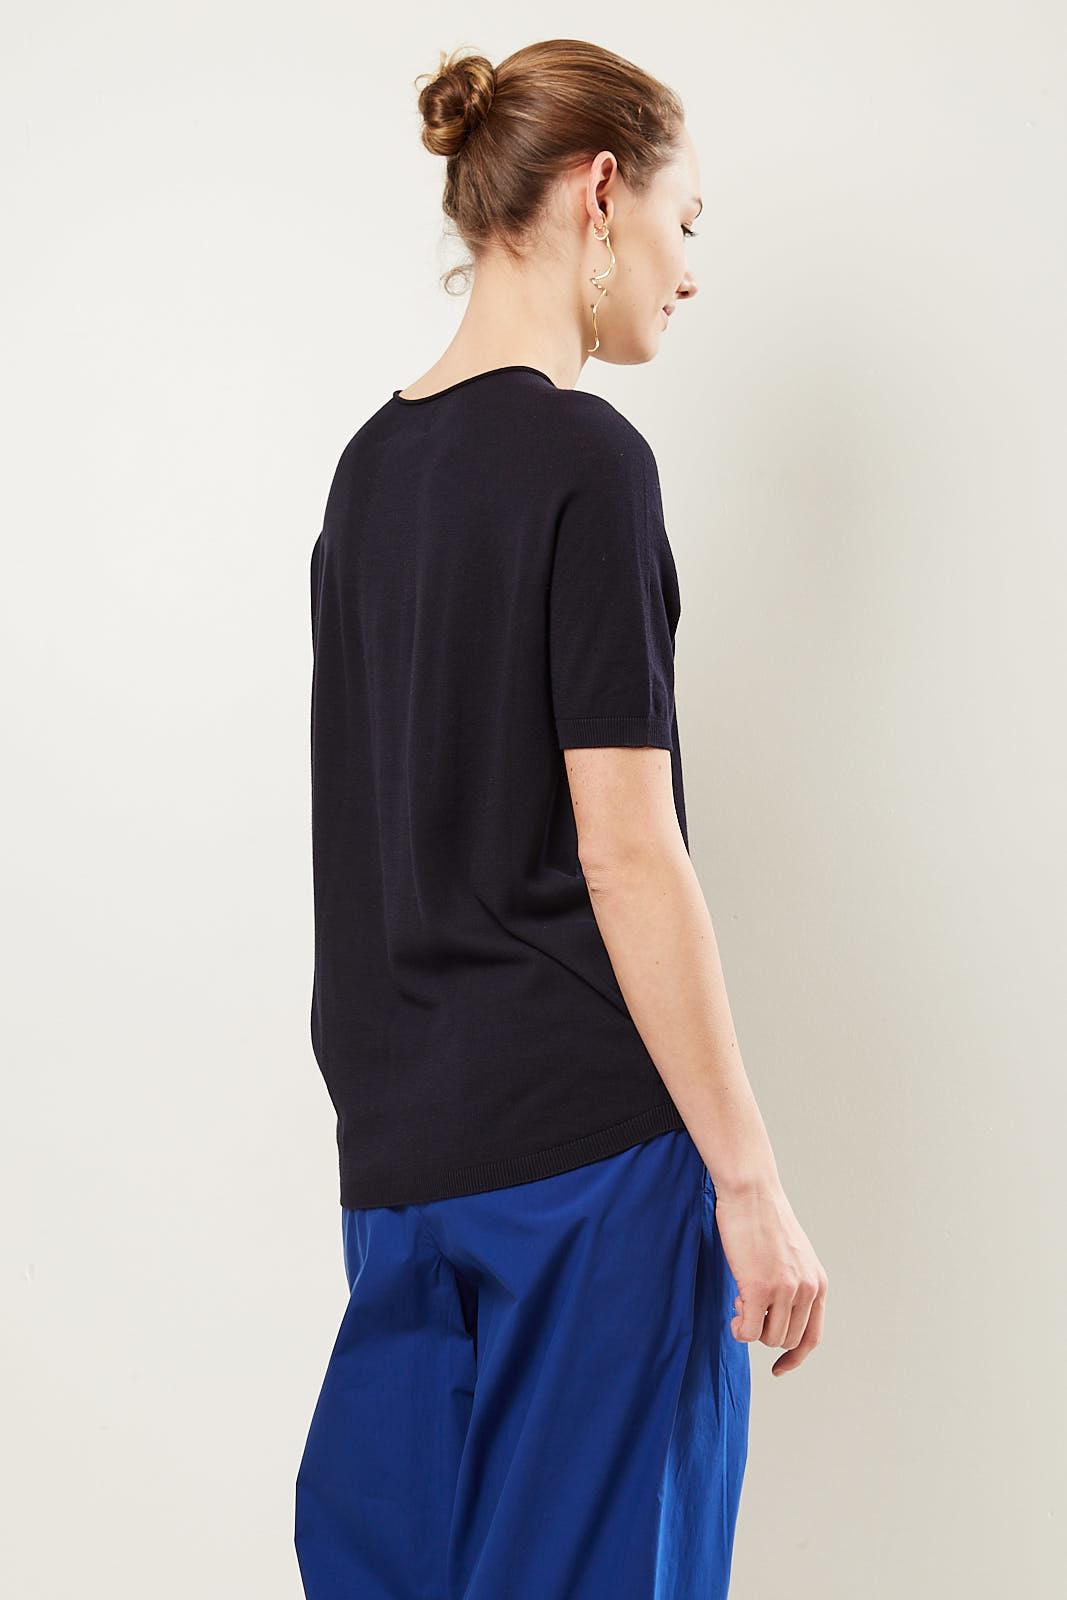 Christian Wijnants - Karem short sleeve knitted jumper.